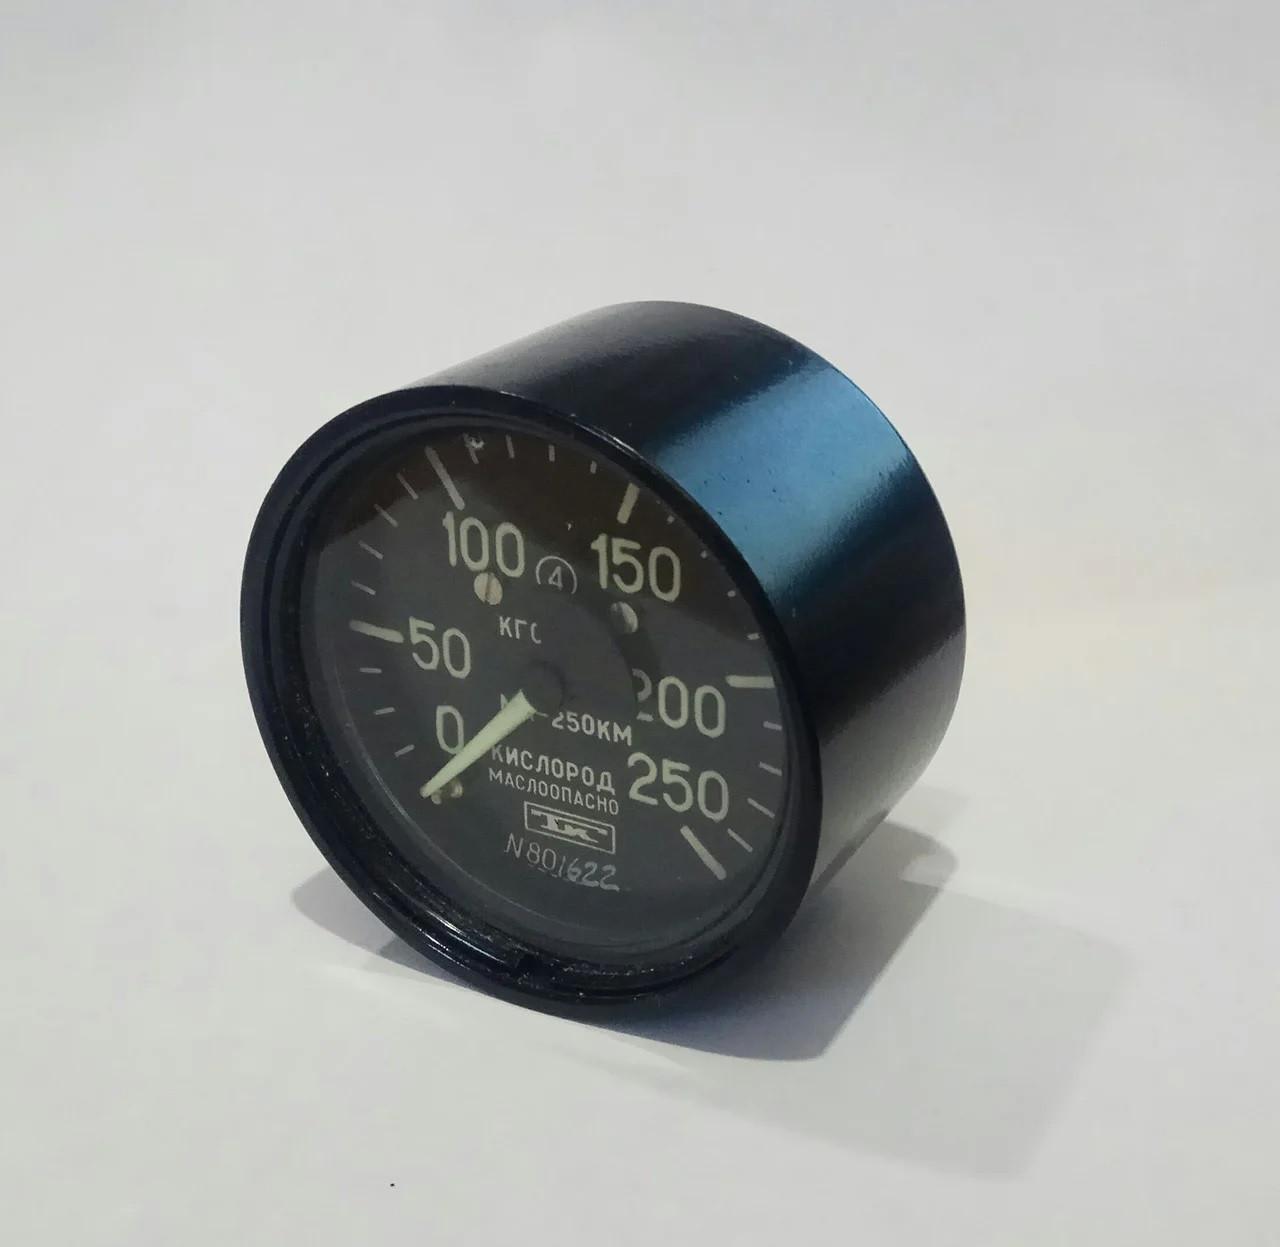 Манометр ММ-40С2 250 кгс/см2 кислород